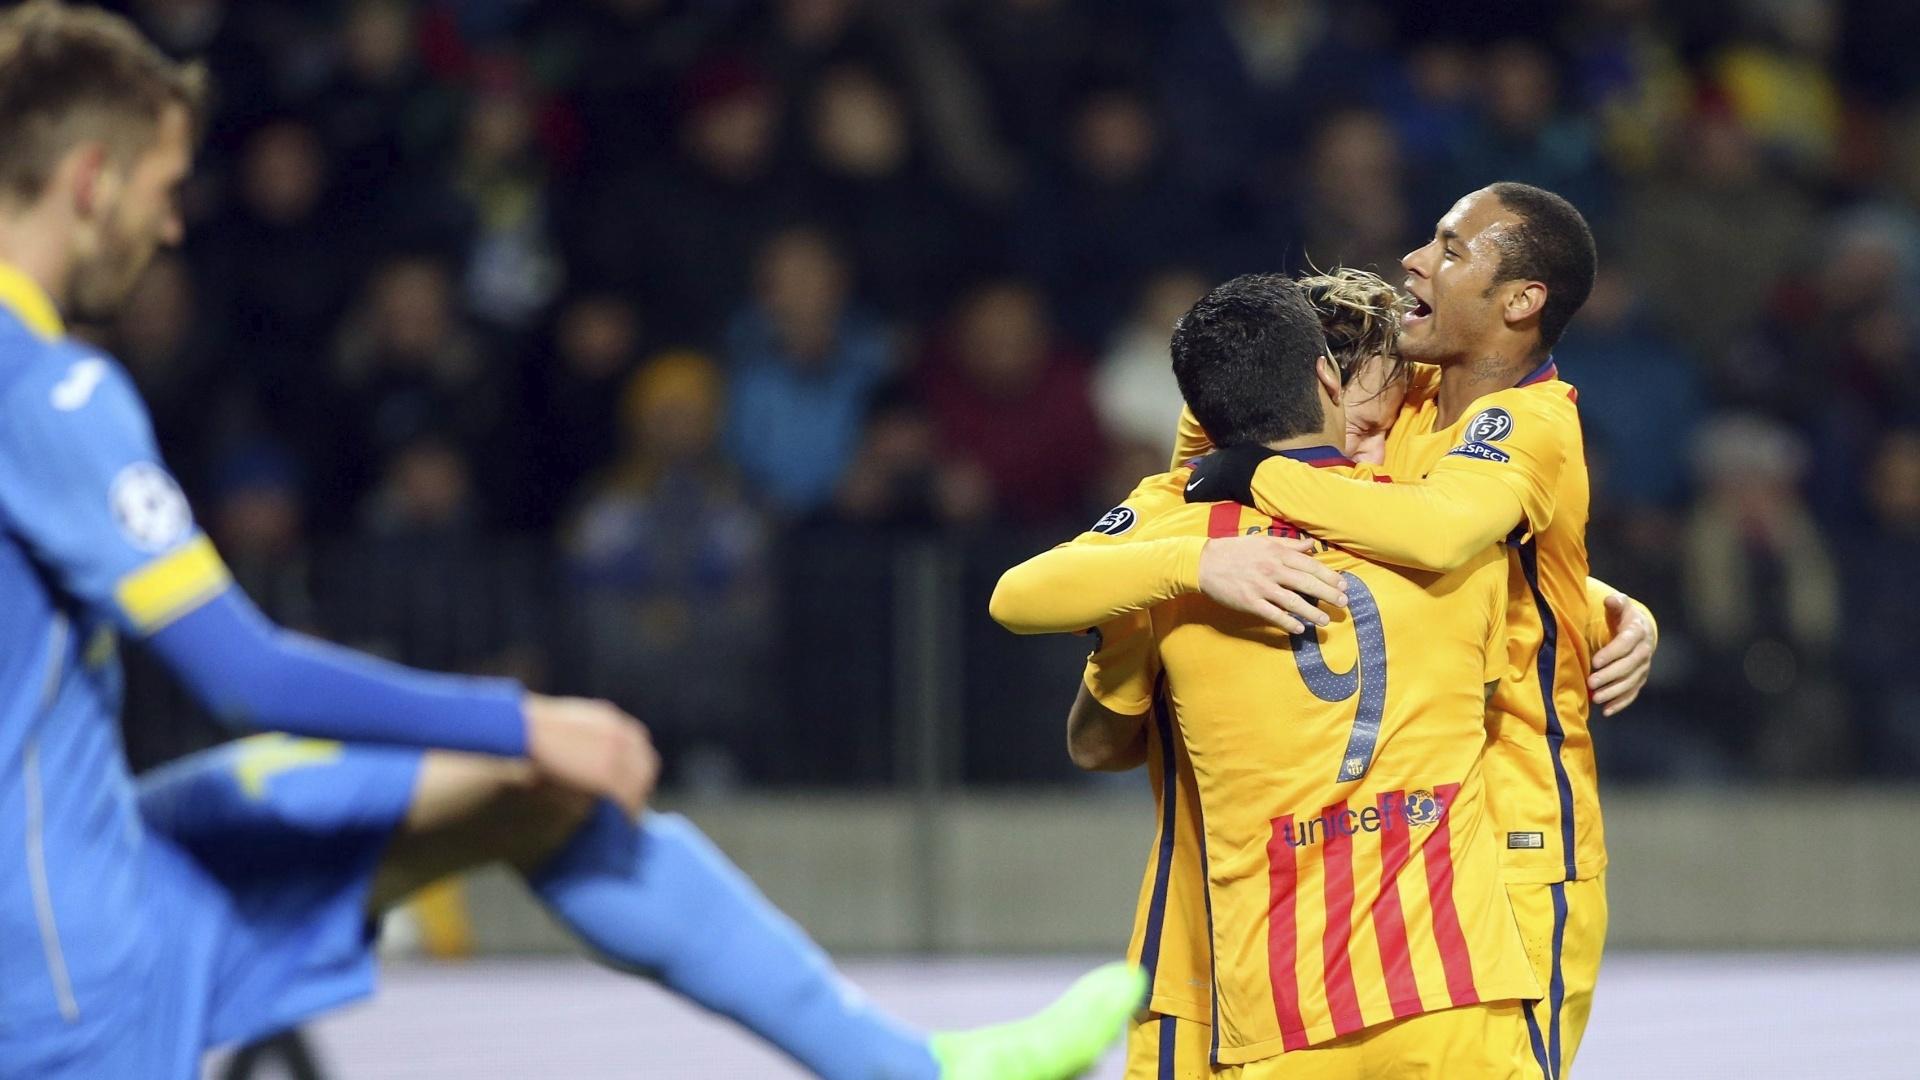 Neymar comemora com Luis Suárez e Rakitic após dar assistência para o gol do croata contra o BATE Borisov pela Liga dos Campeões